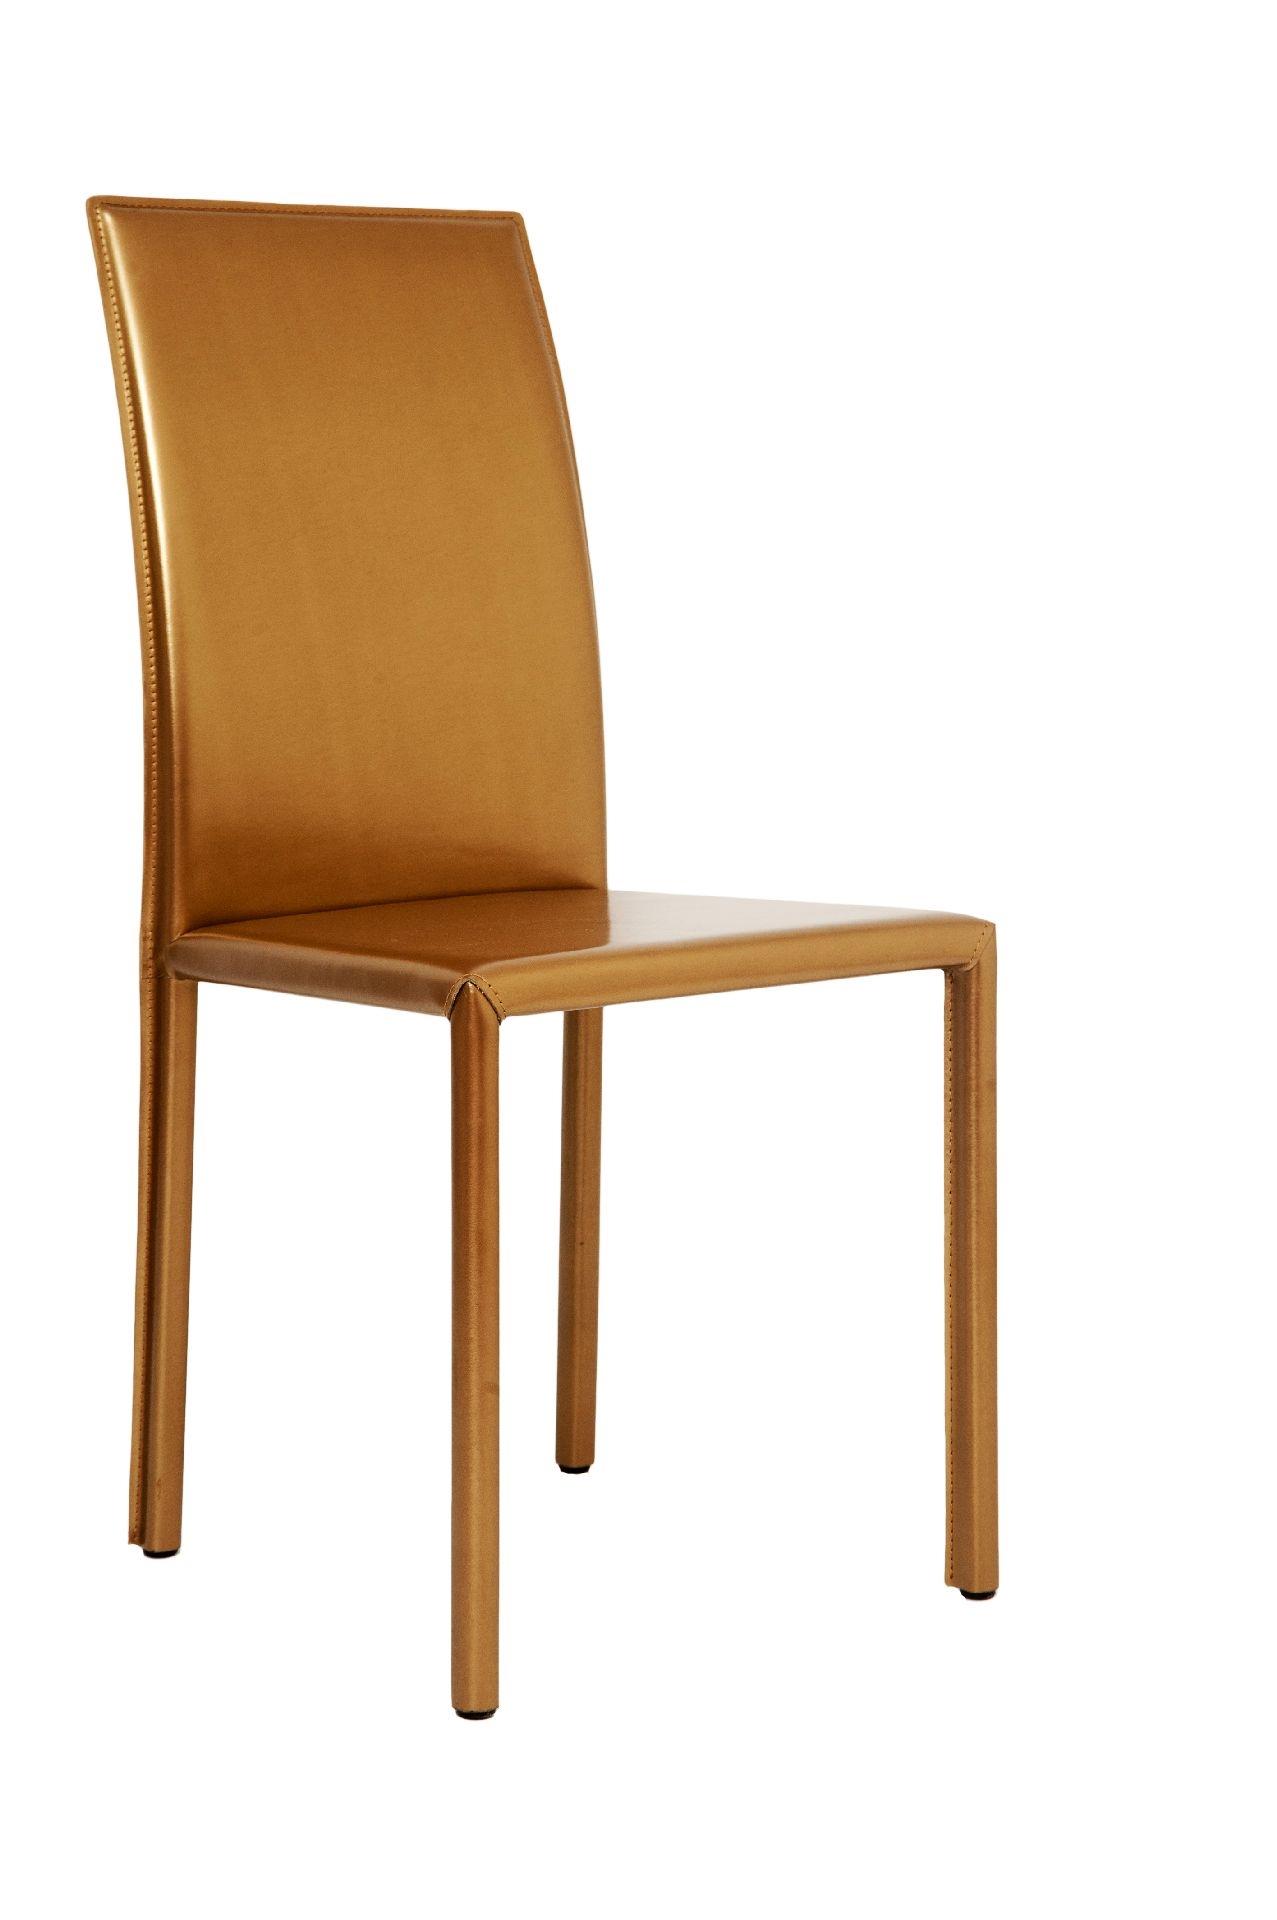 Sedia in cuoio city di ozzio sedie a prezzi scontati - Tavoli ozzio design prezzi ...